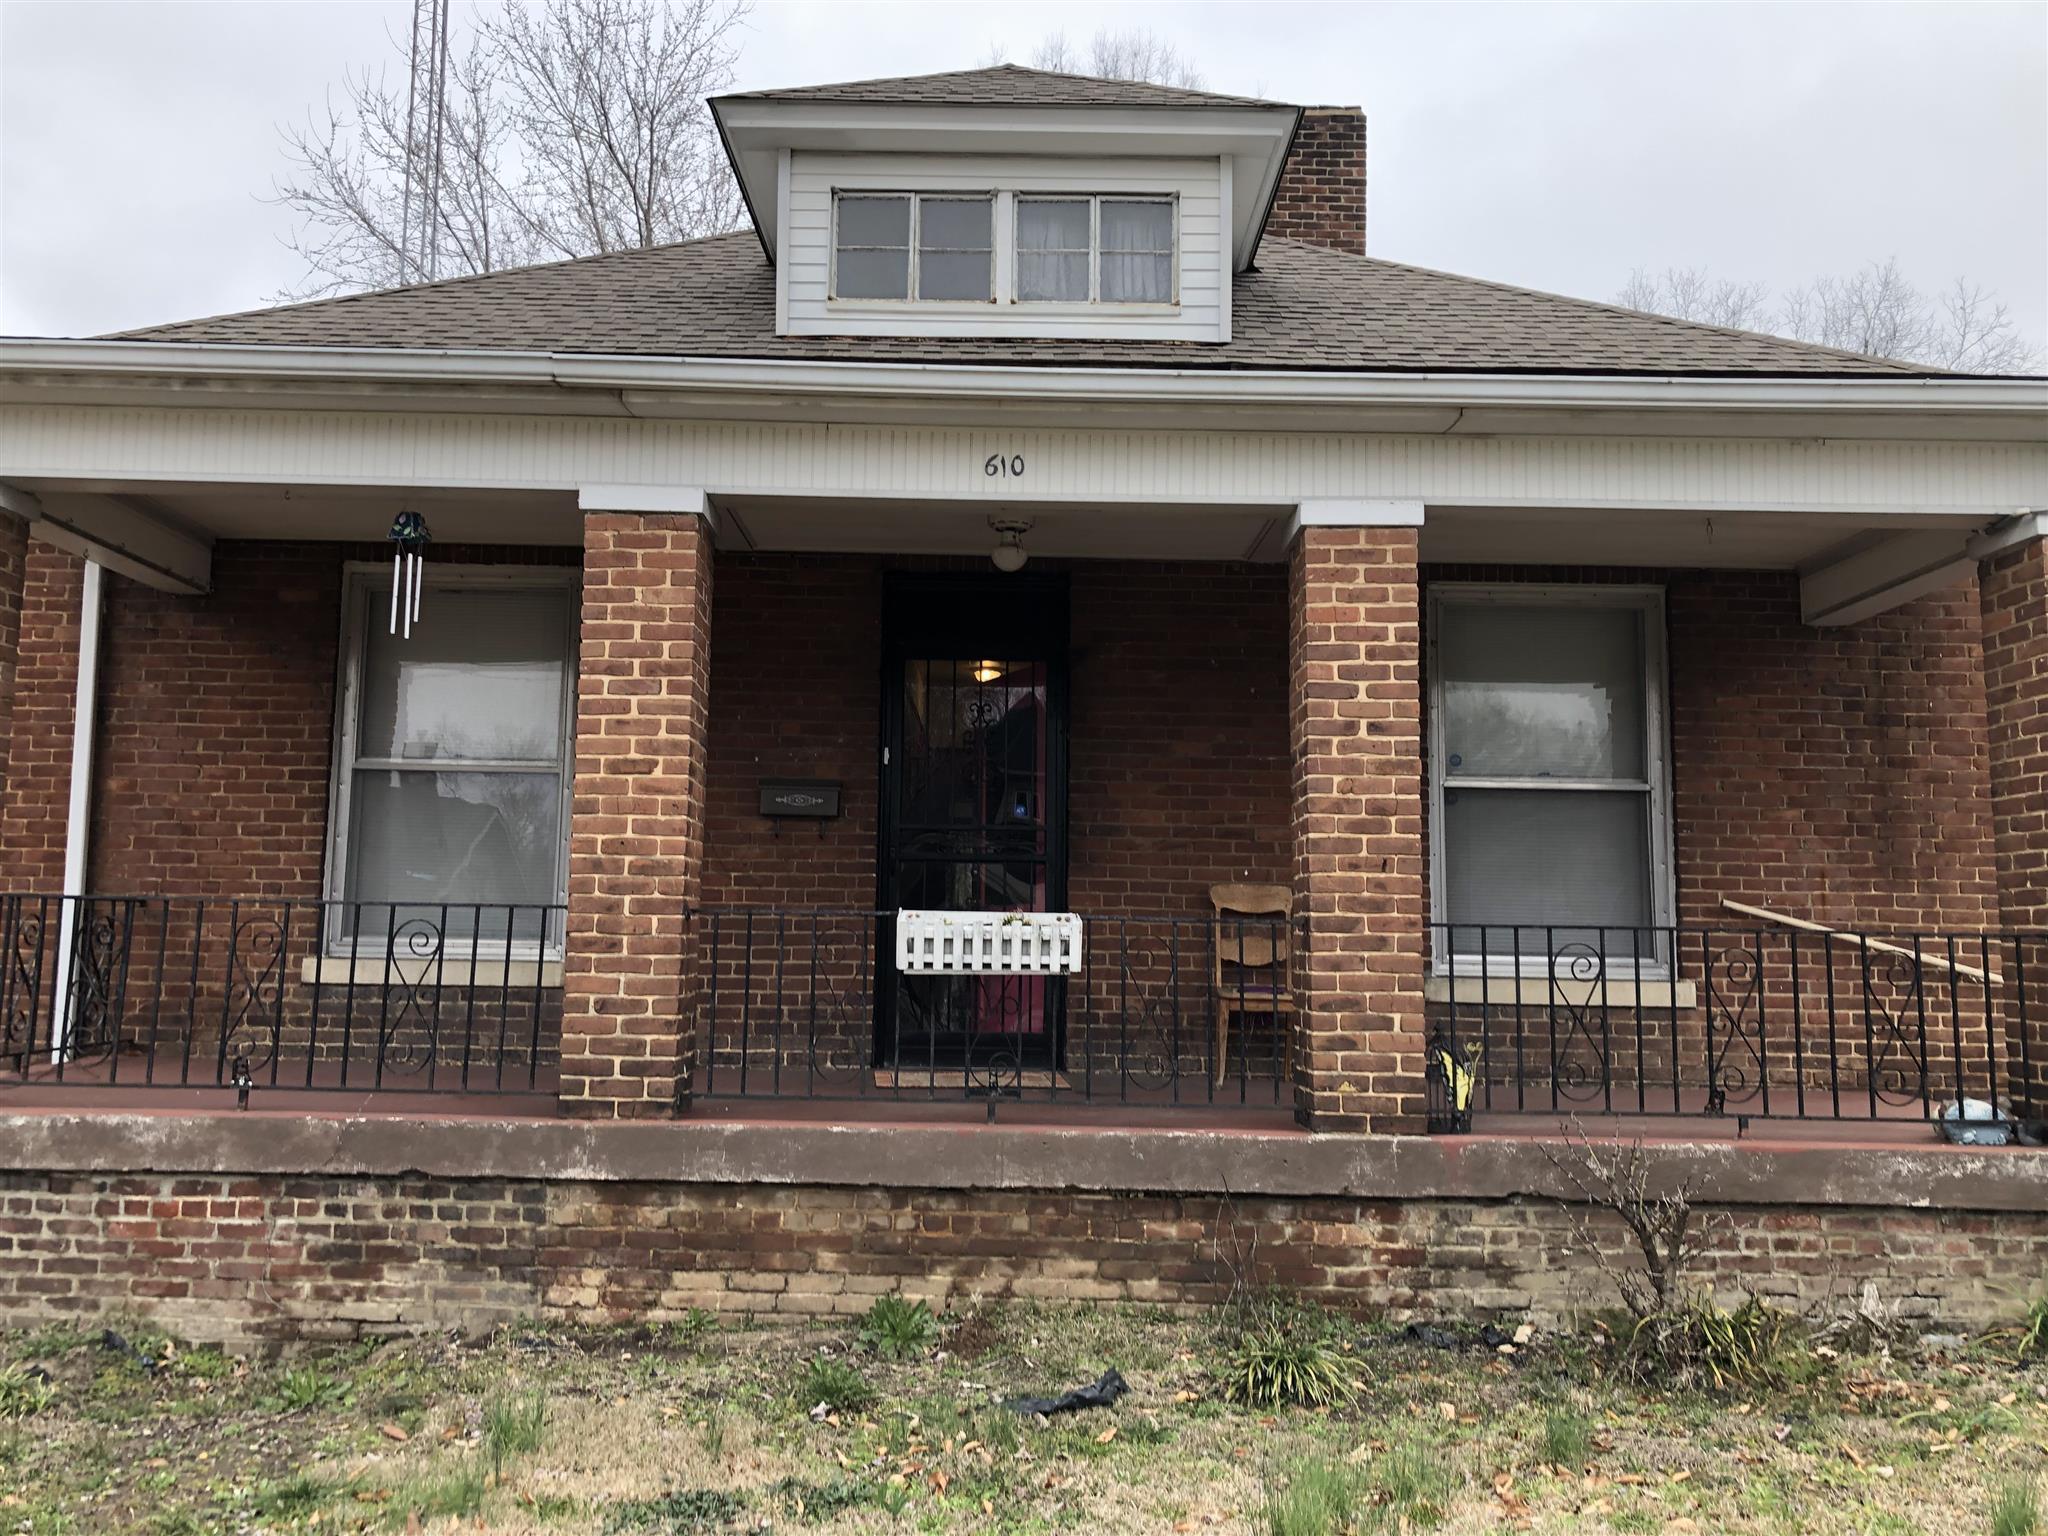 610 W Wood St, Paris, TN 38242 - Paris, TN real estate listing